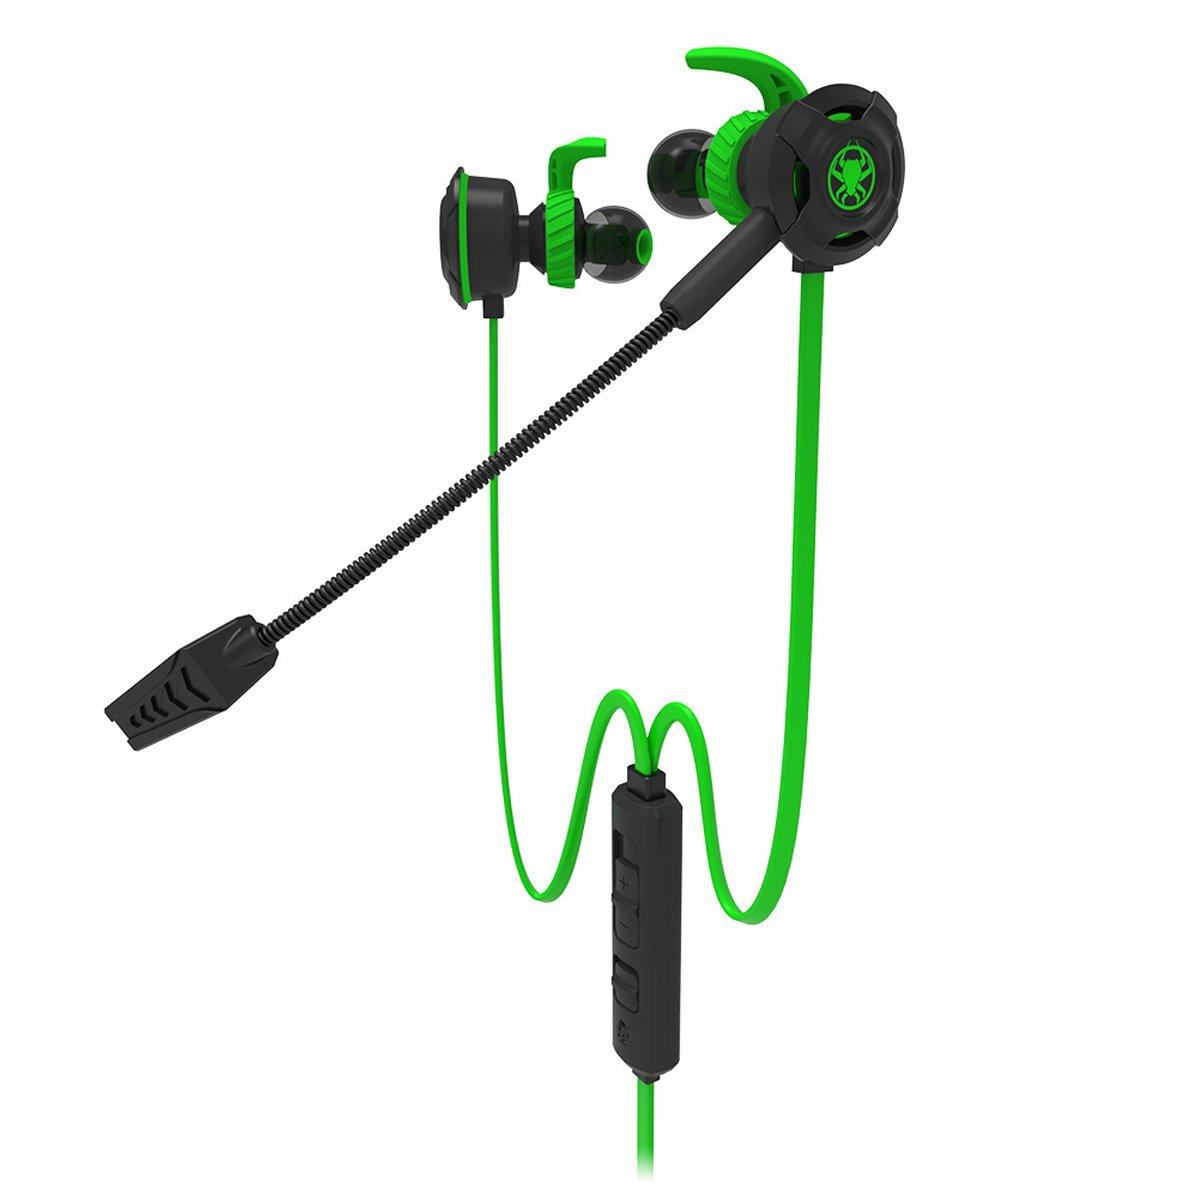 Plextone G30 stereo Gaming cuffie auricolari con microfono cuffie Gaming PS4 portatile in Ear auricolari con microfono In-line volume rimovibile per il telefono PC New Xbox One Playstation 4, verde